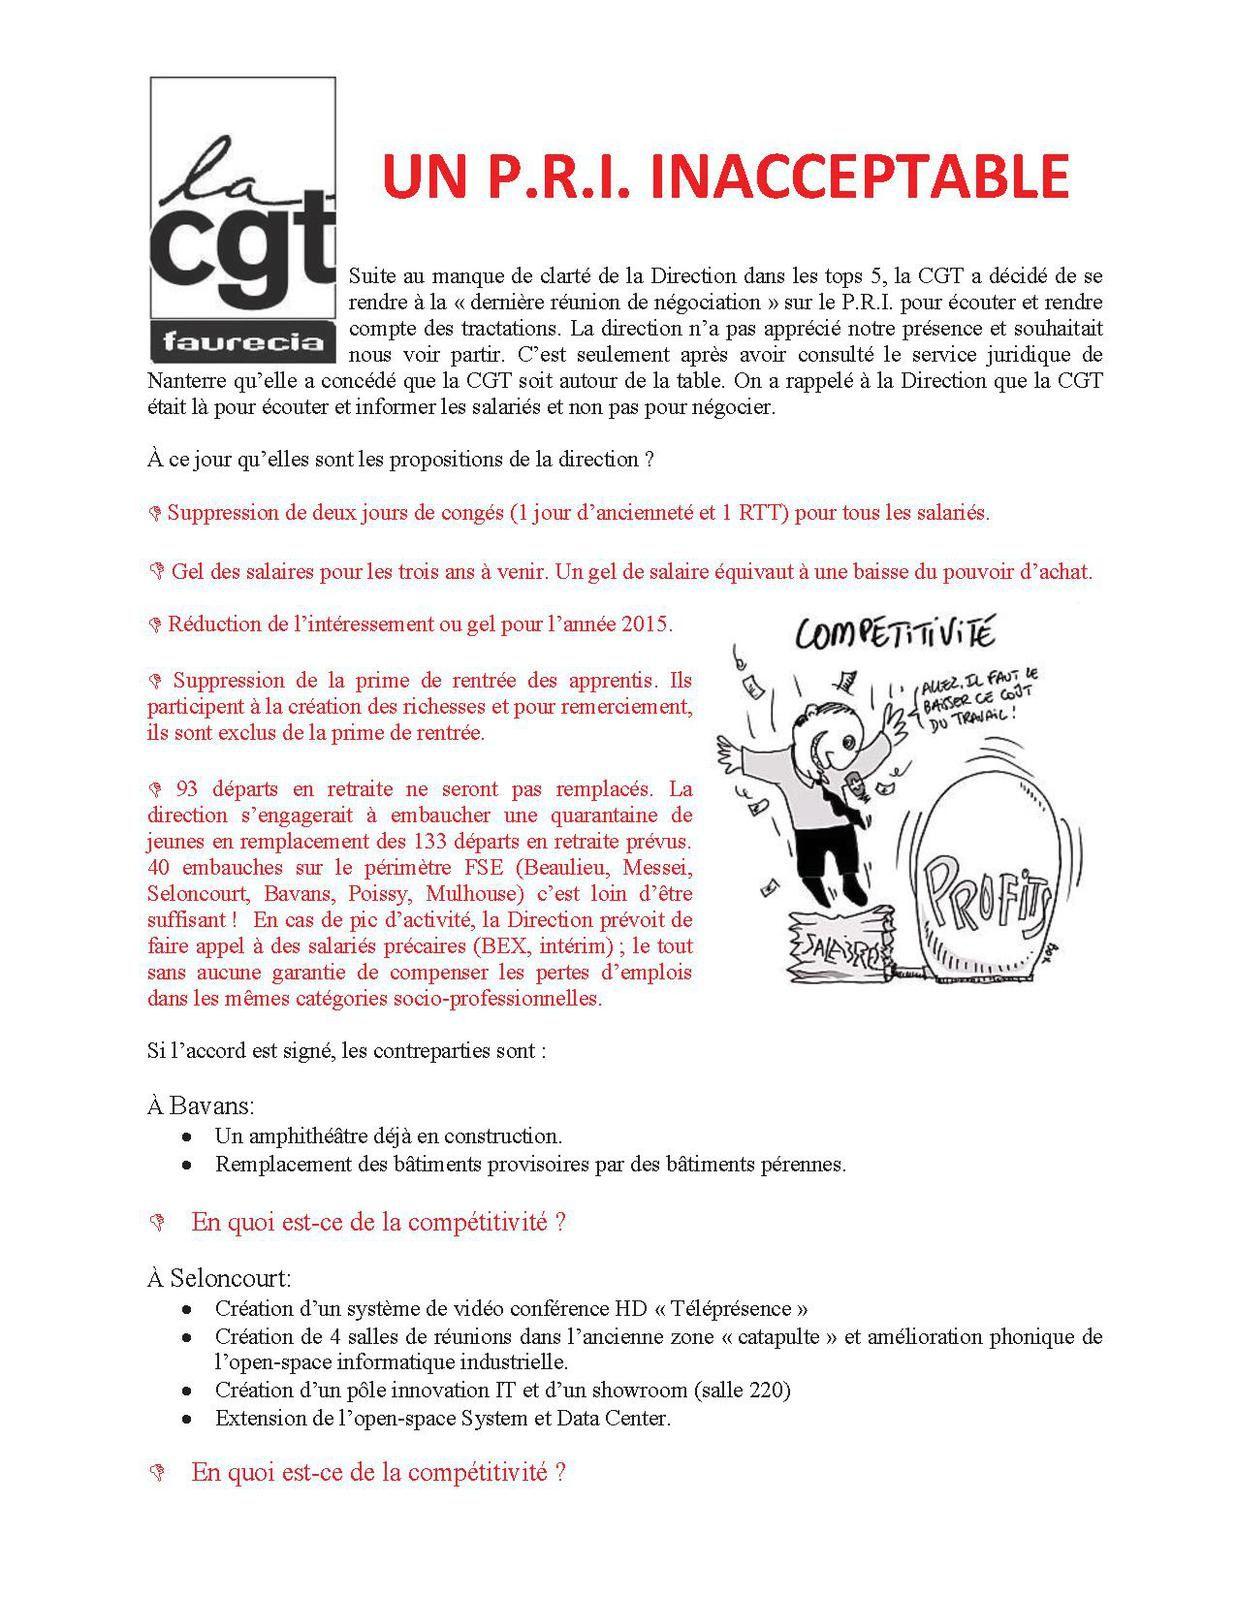 Tract CGT contre Plan de Relance Industrielle (P.R.I) de Faurecia Systèmes d'Echappement (FSE)